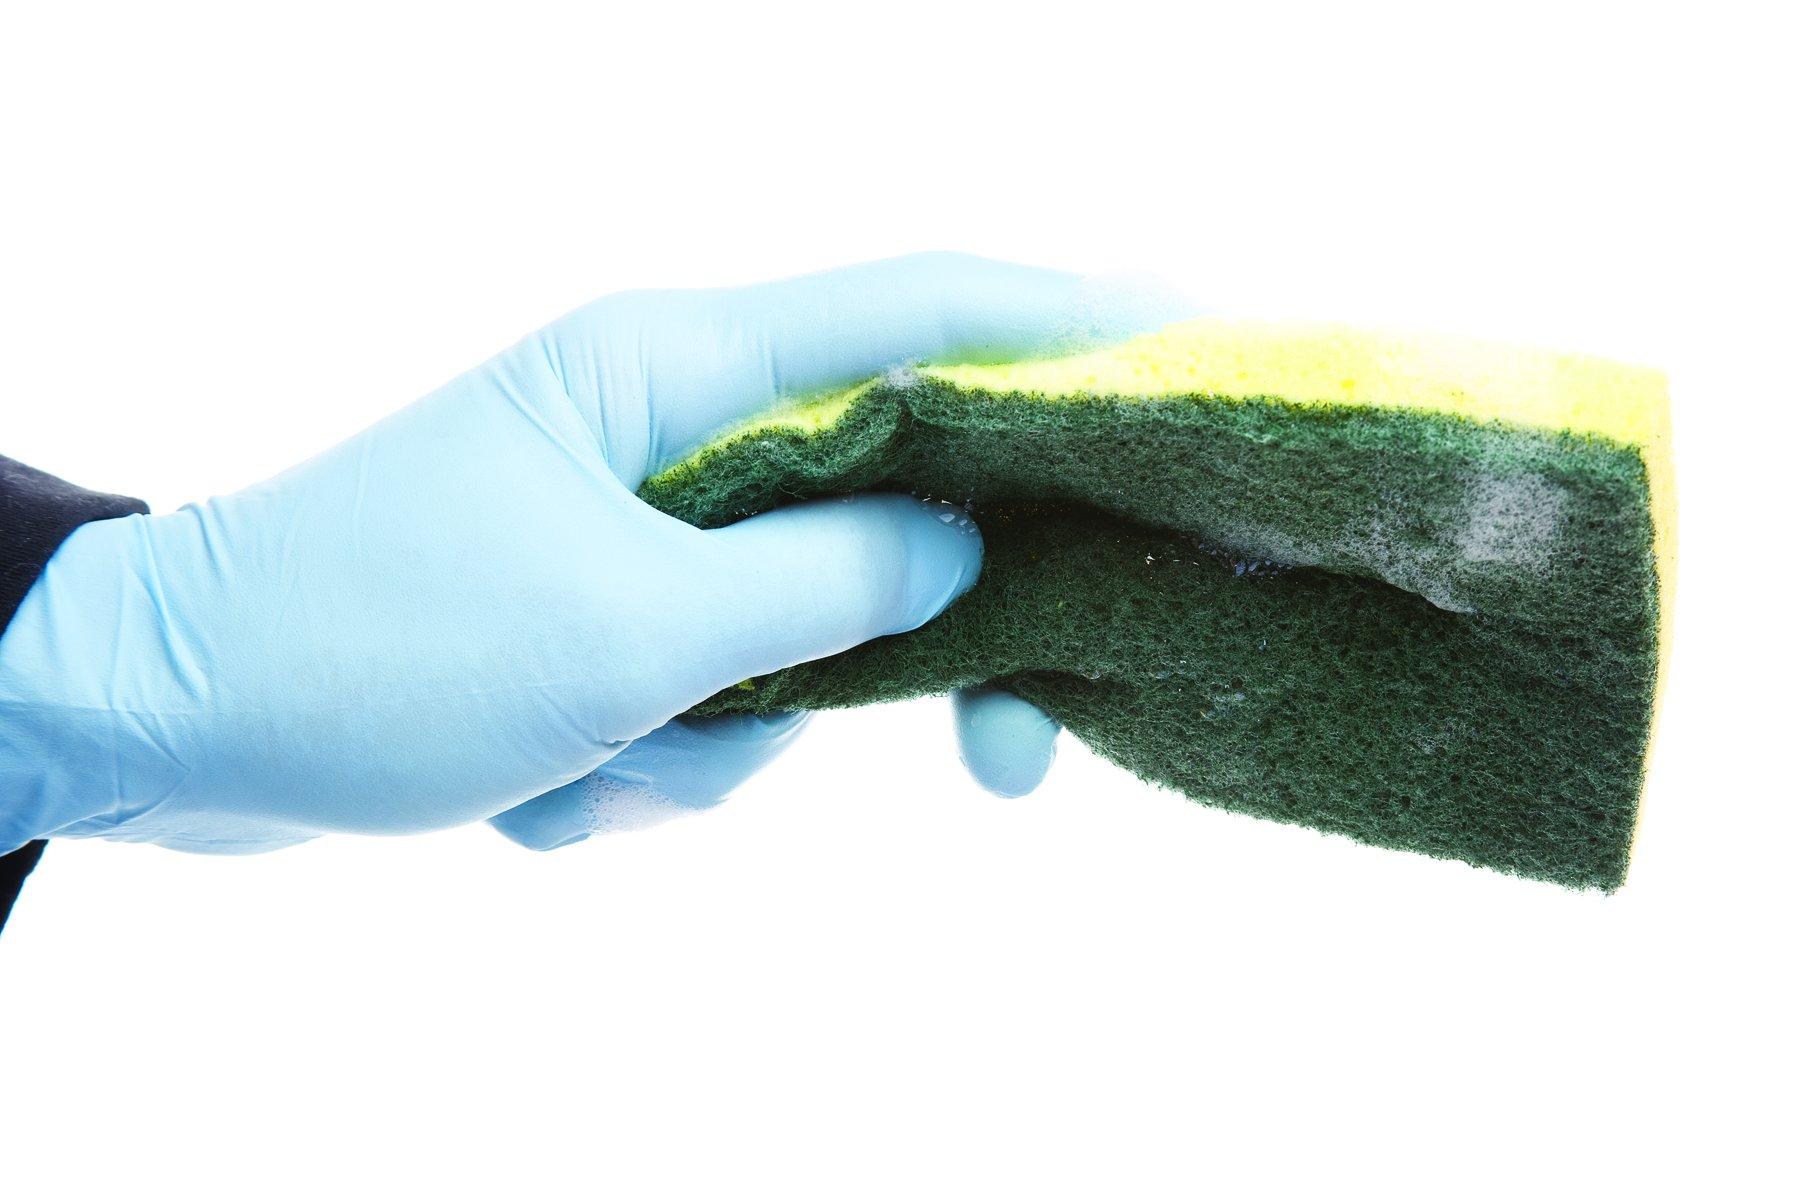 tampon rcurer en nylon - Dfinition - franais